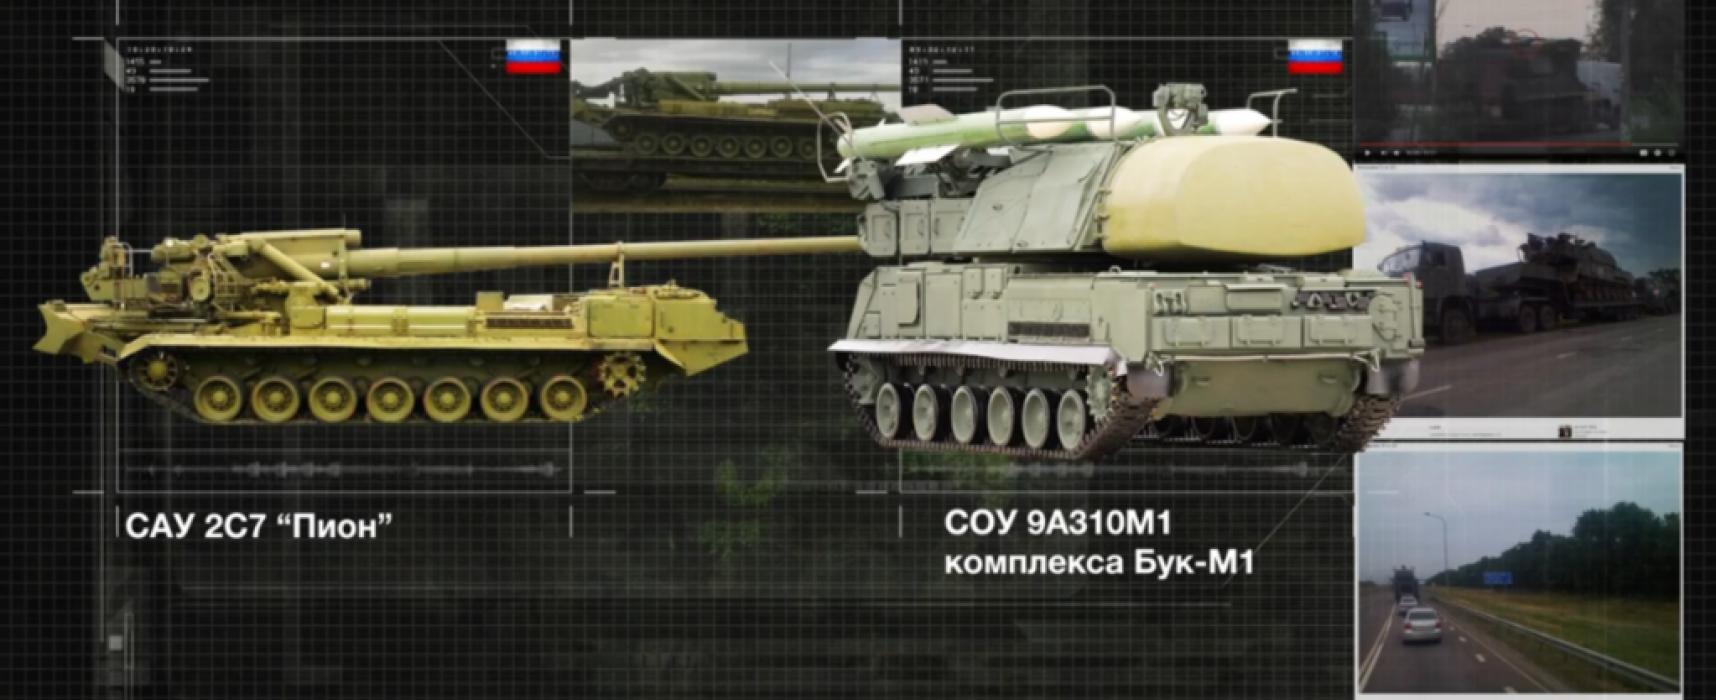 Главните доказателства за участието на РФ във войната в Донбас през 2017 година